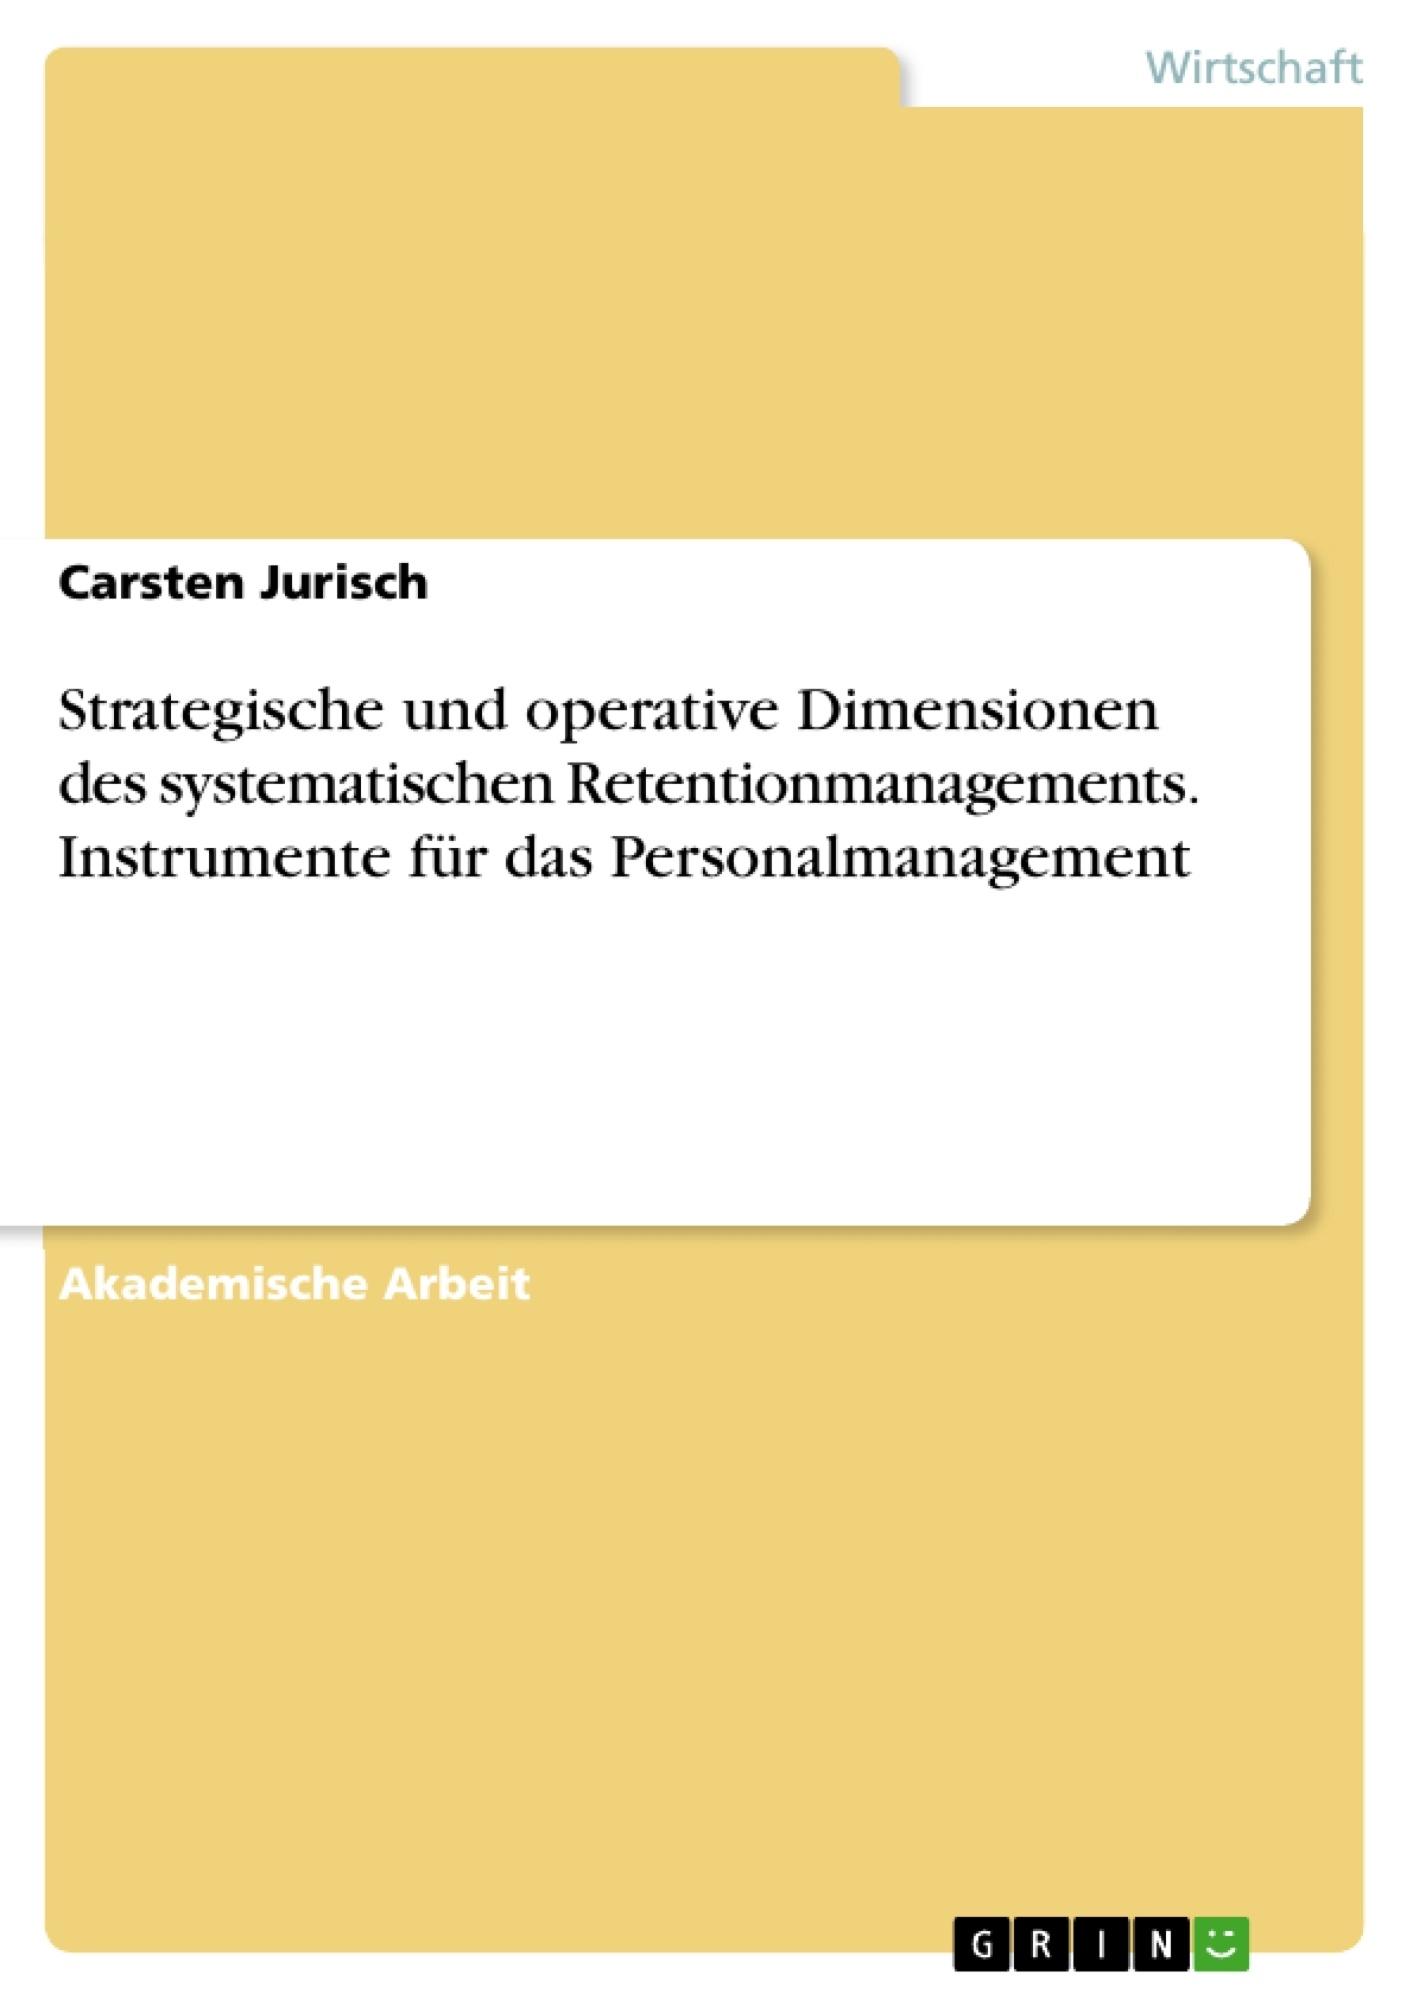 Titel: Strategische und operative Dimensionen des systematischen Retentionmanagements. Instrumente für das Personalmanagement